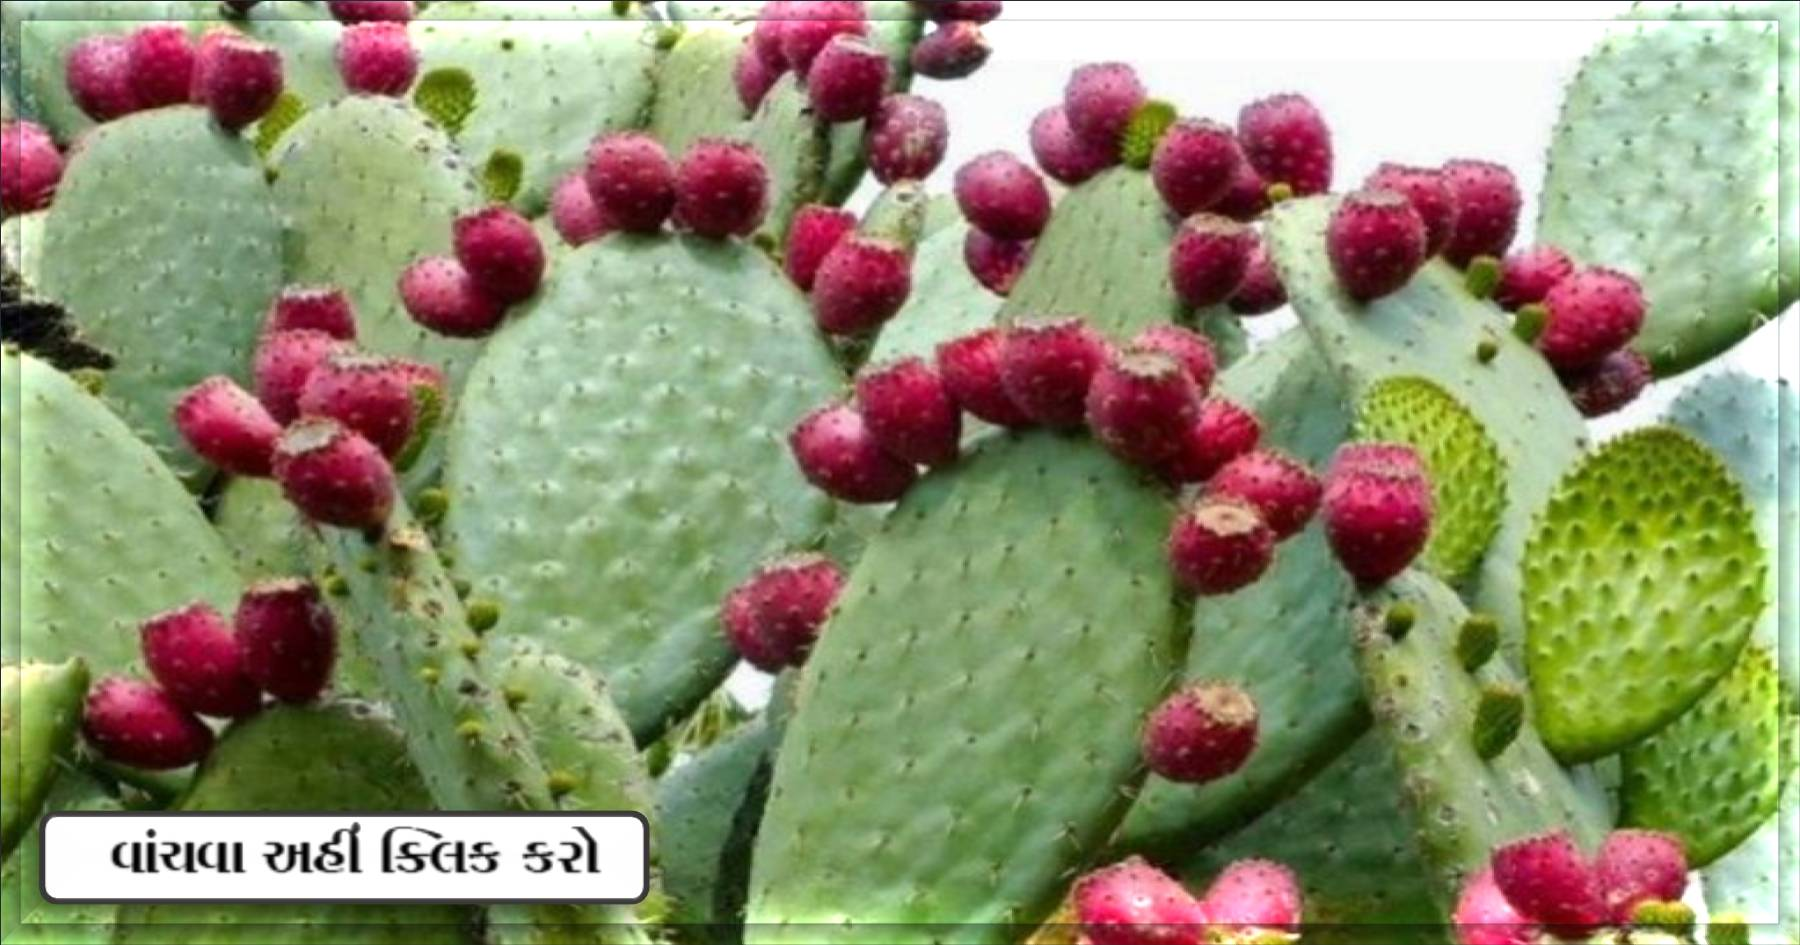 ફિંડલા એક એવુ ચમત્કારીક ફળ છે, જે રોગોને જડમુળથી કરે છે દુર…આ રીતે કરો લોહી ની ઉણપ વાળા આનું સેવન